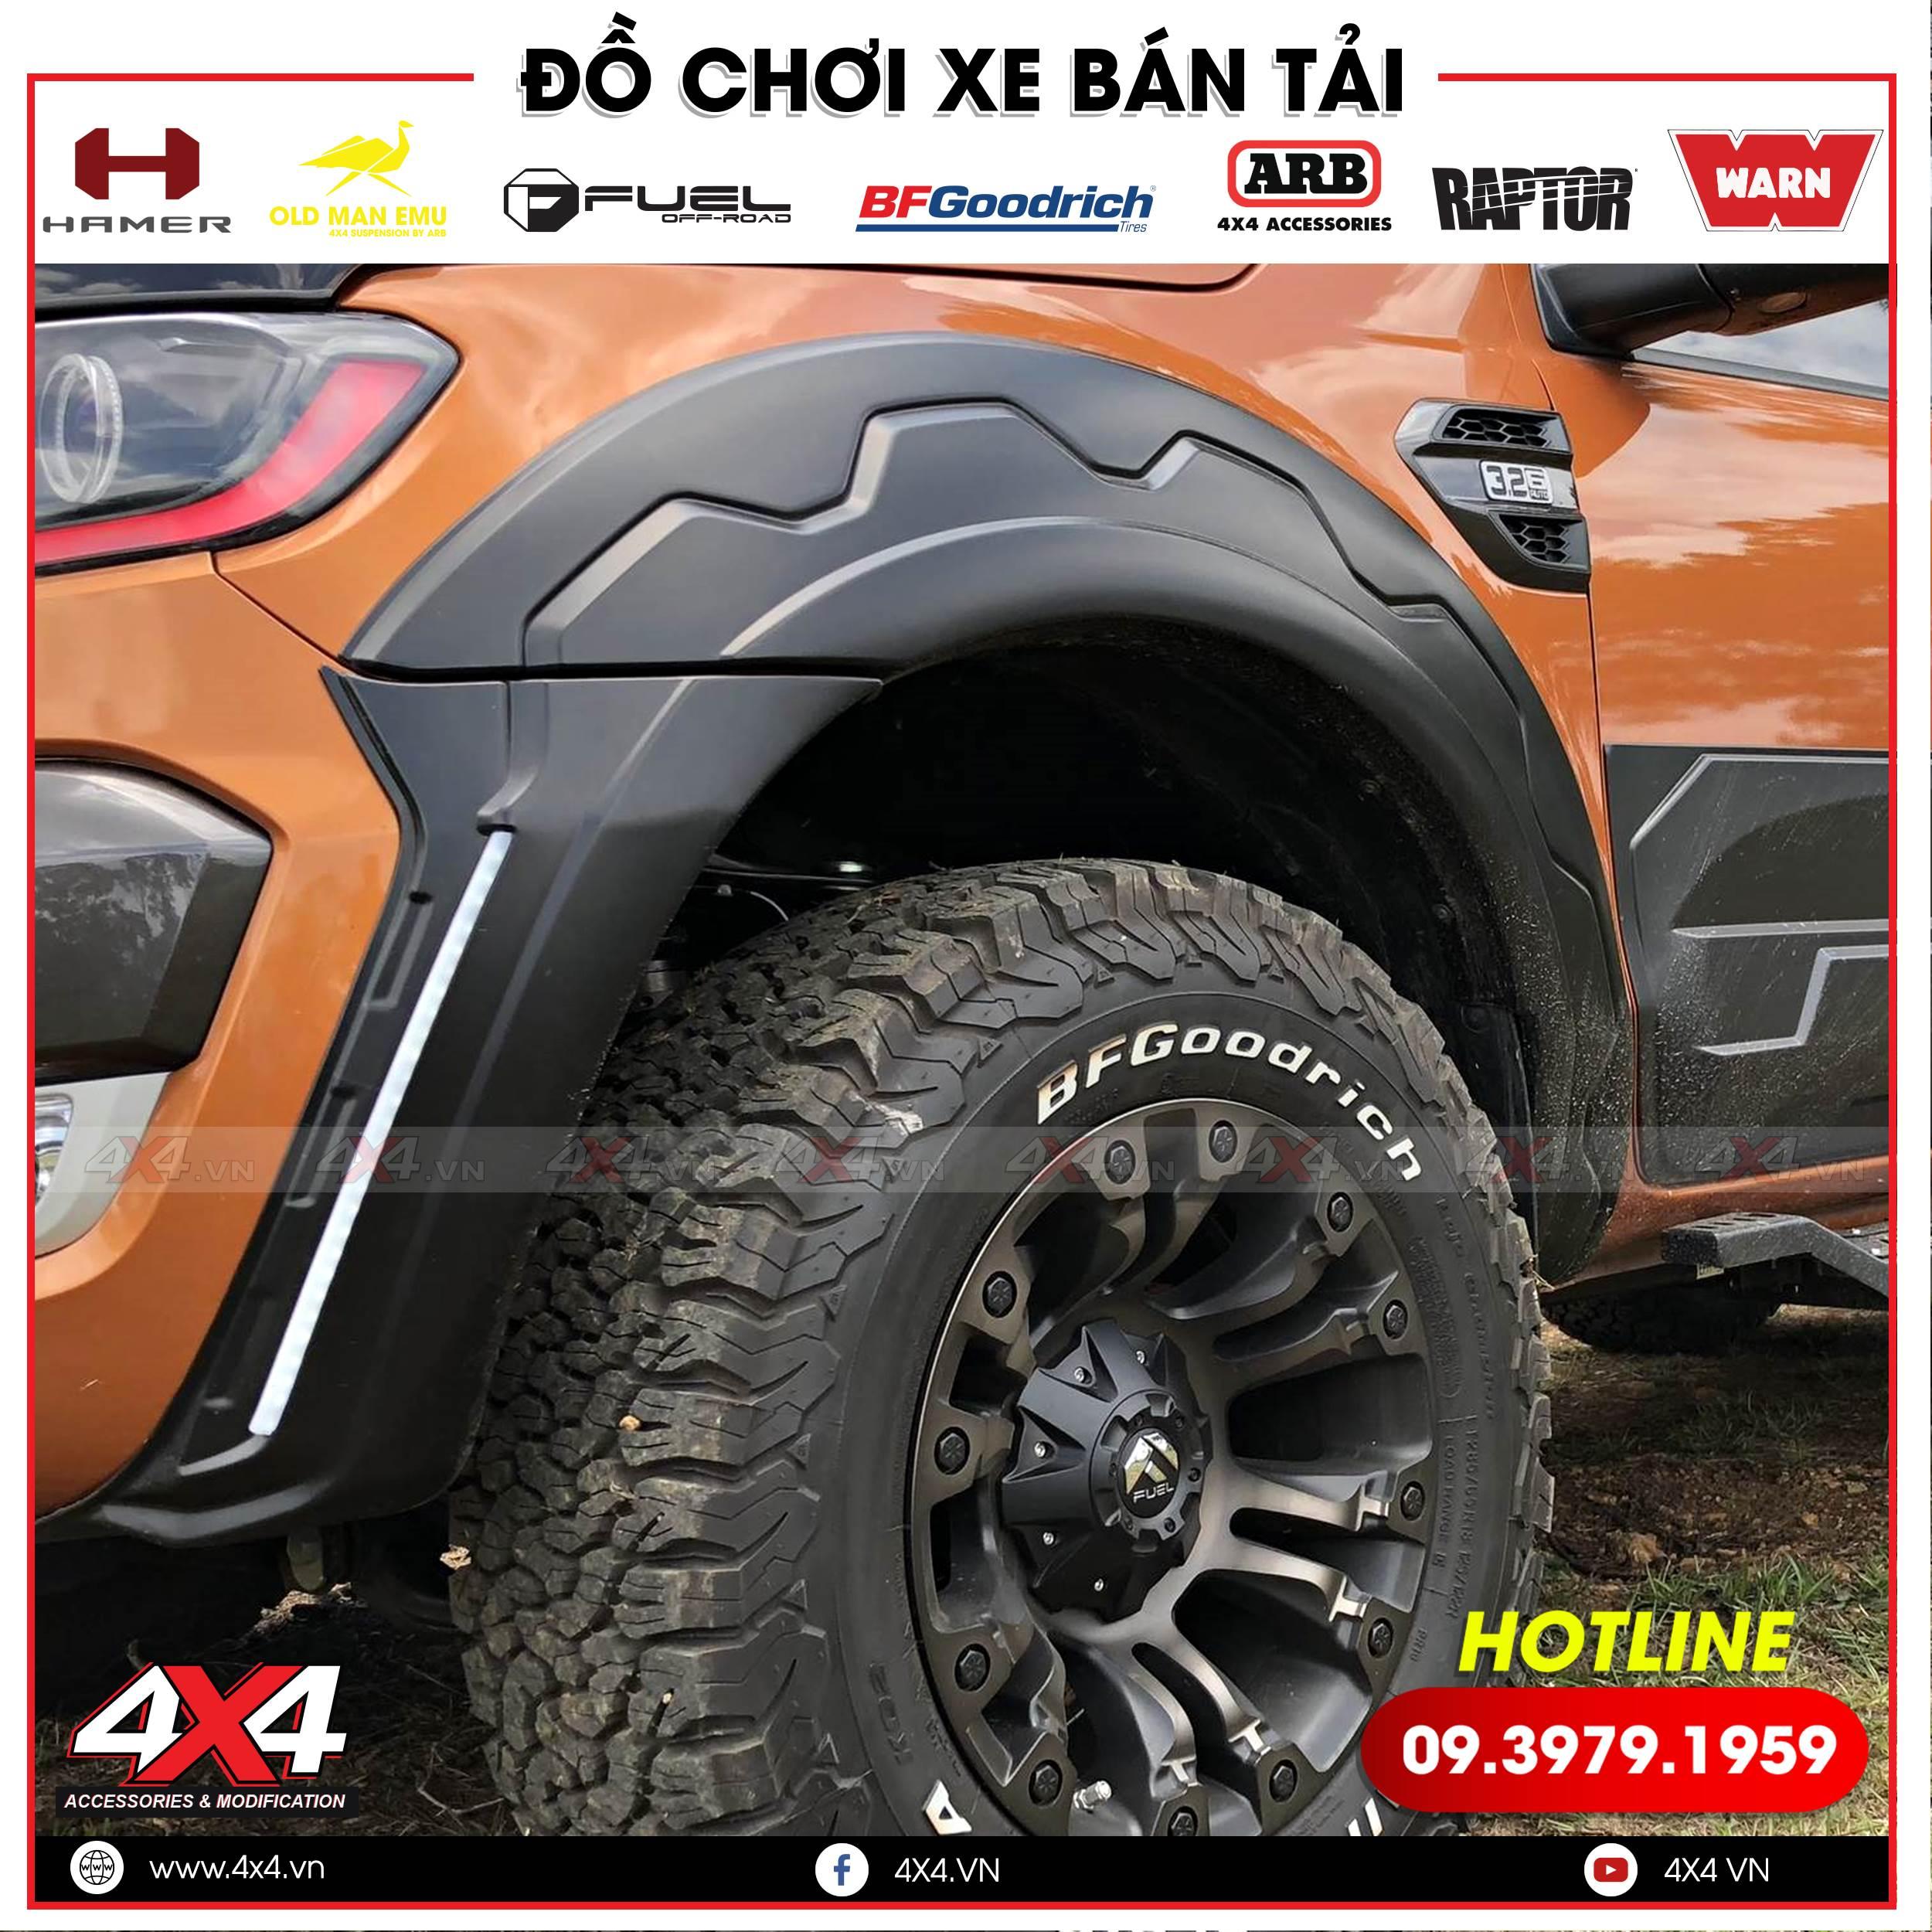 Ốp cua lốp răng cưa độ đẹp và hầm hố cho xe bán tải Ford Ranger